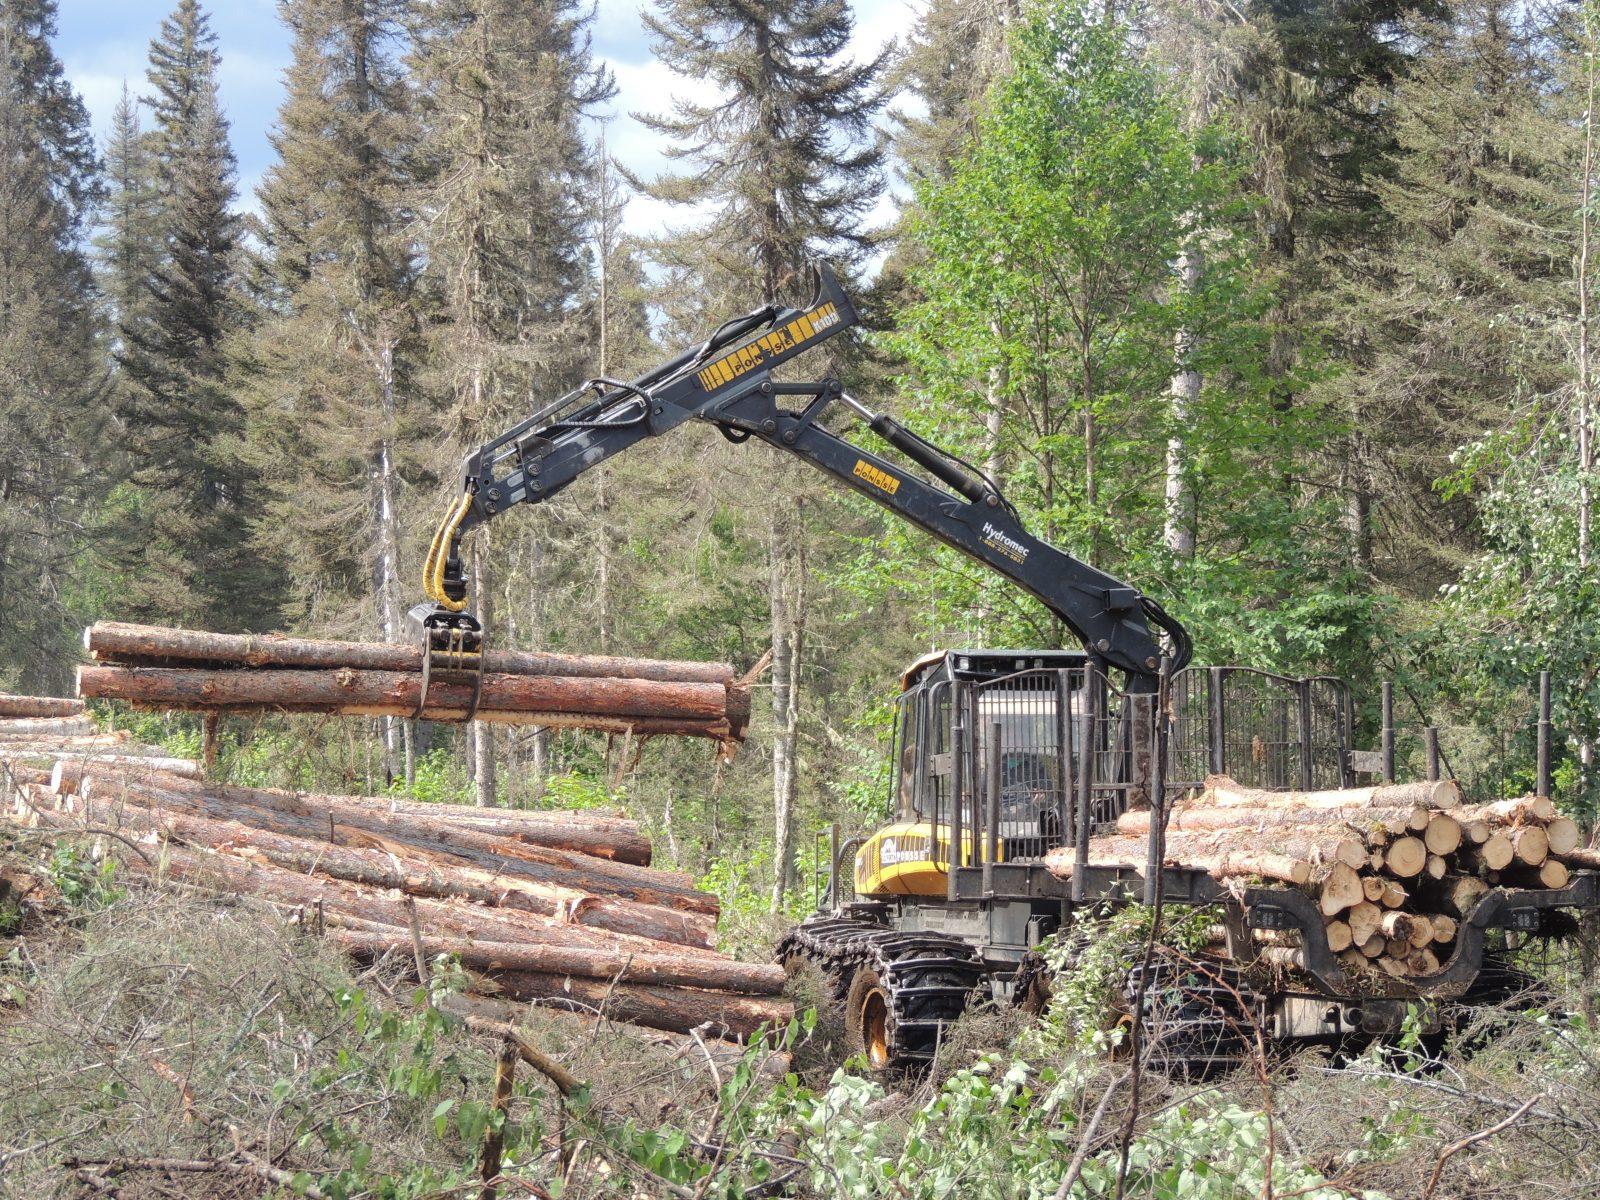 Secteur forestier : Les nouvelles mesures économiques ne seront pas suffisantes